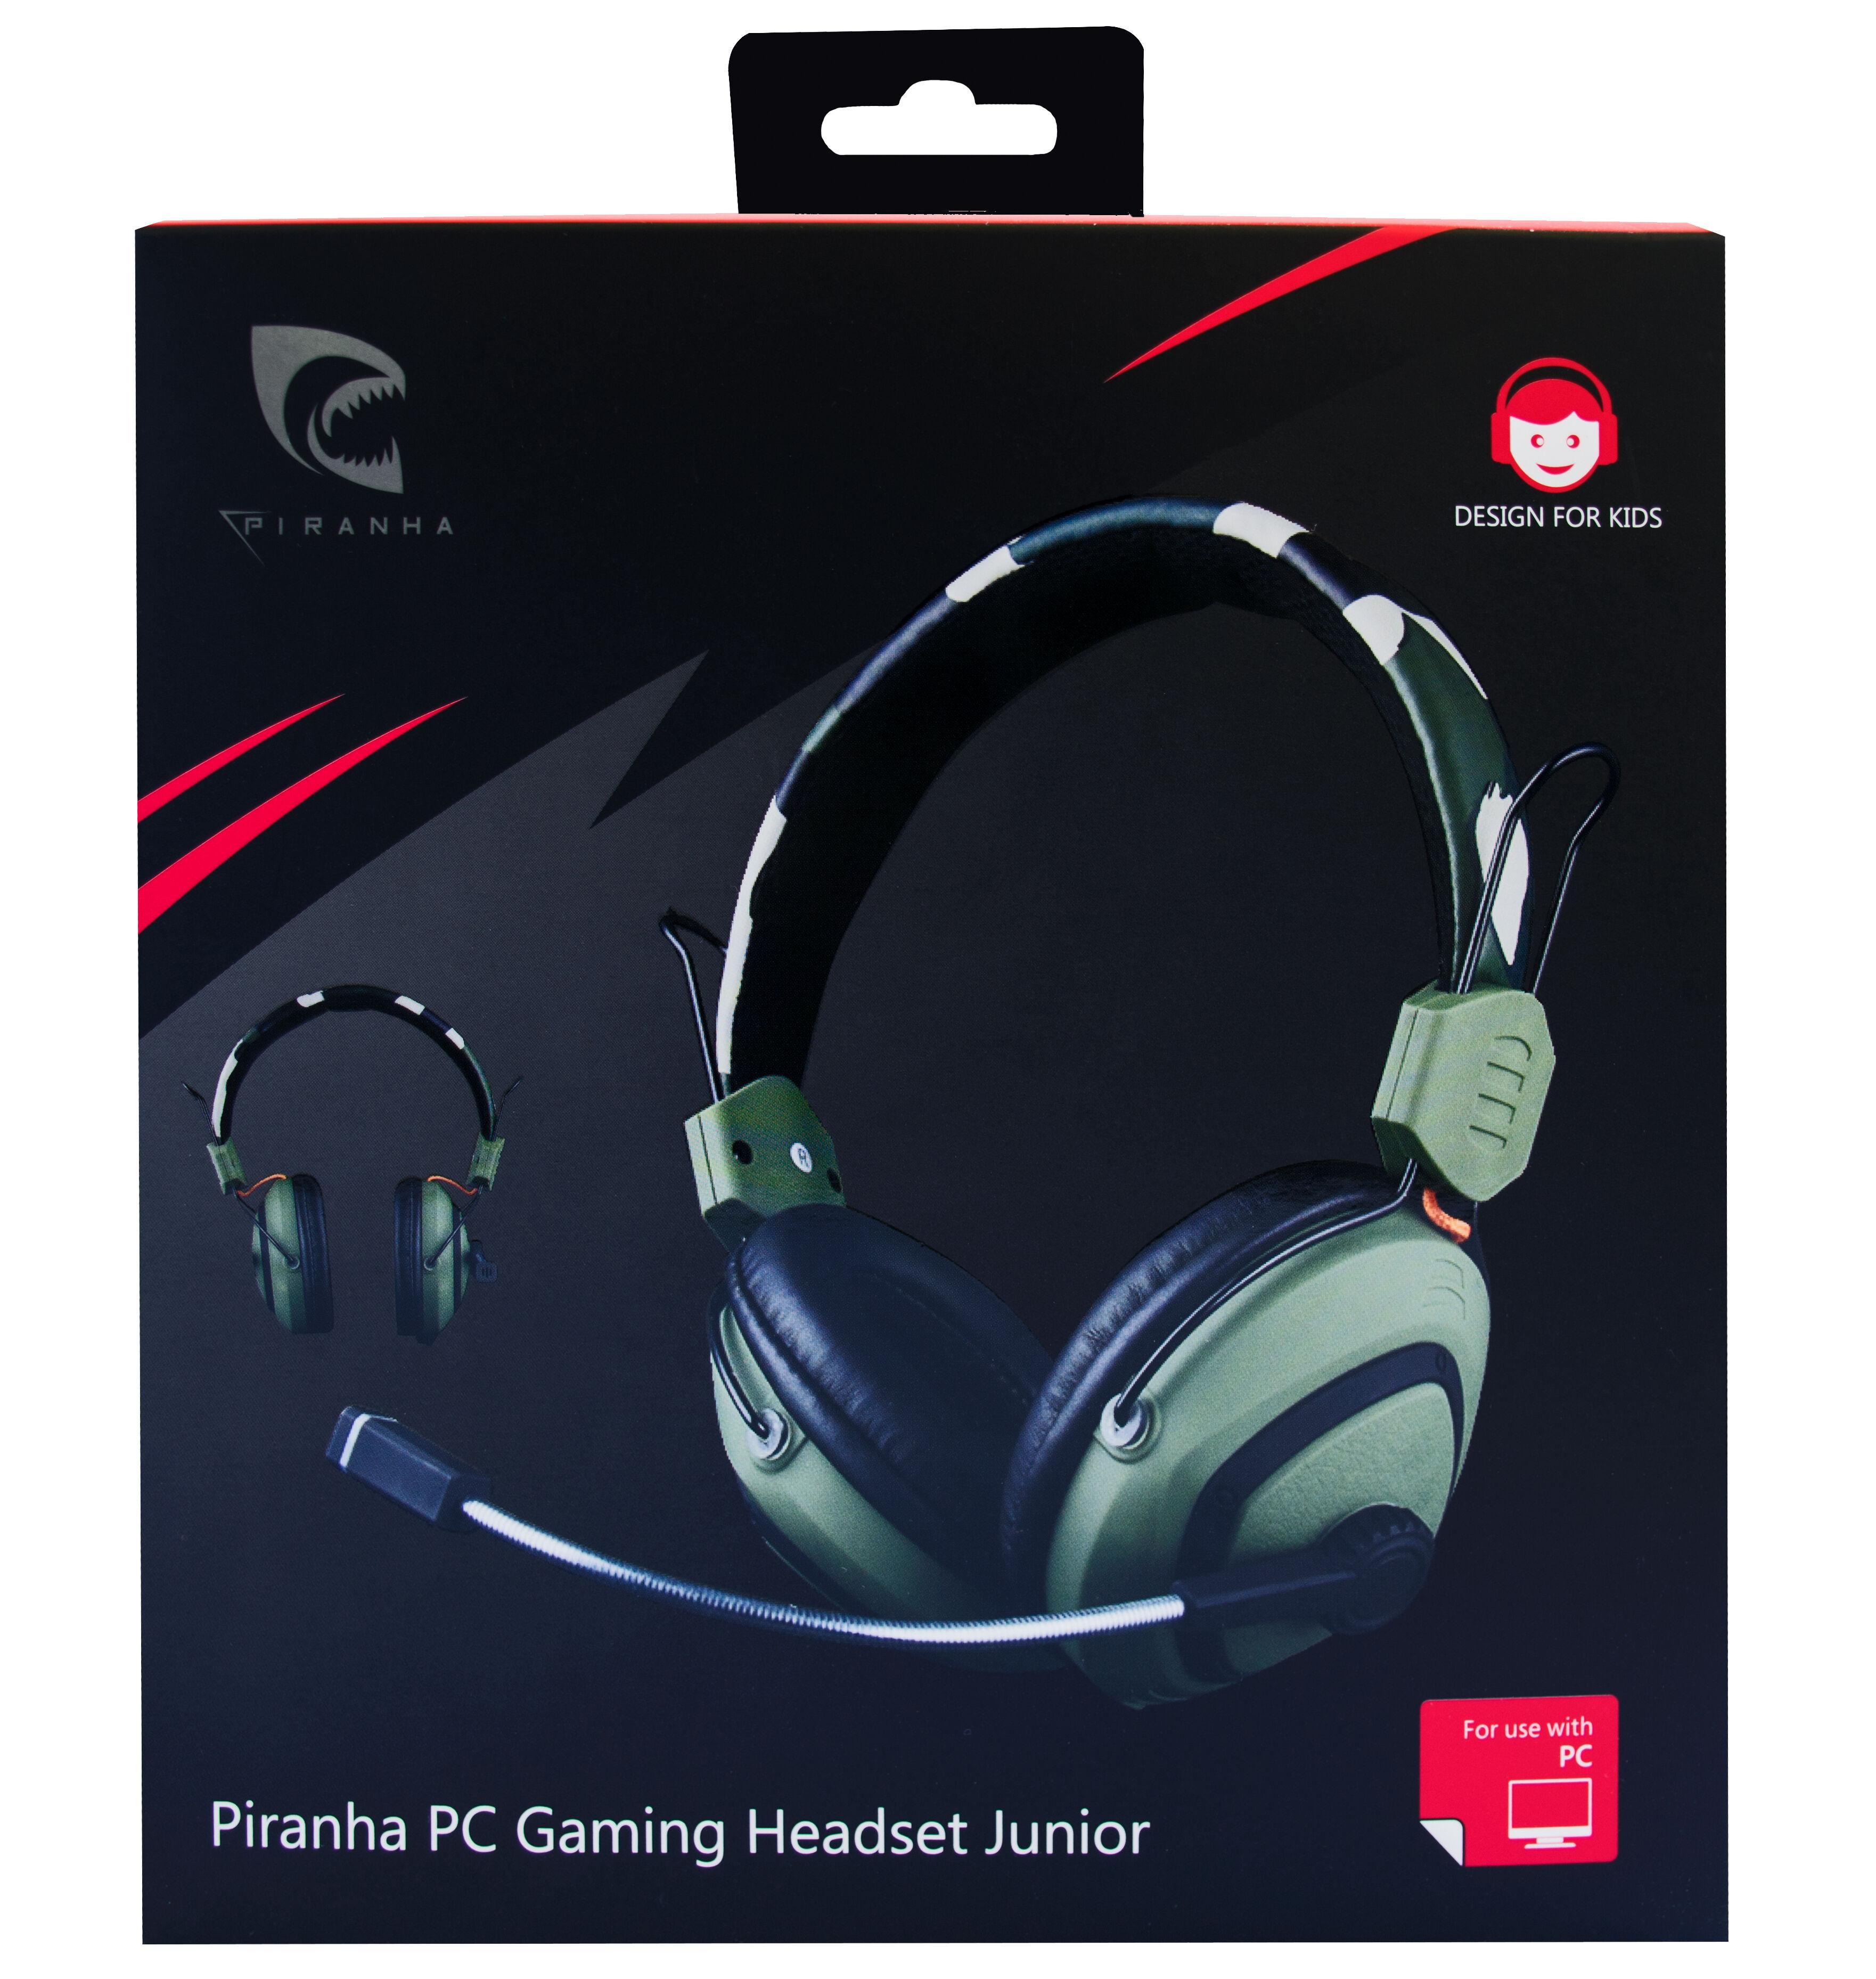 Piranha PC Gaming Headset Junior